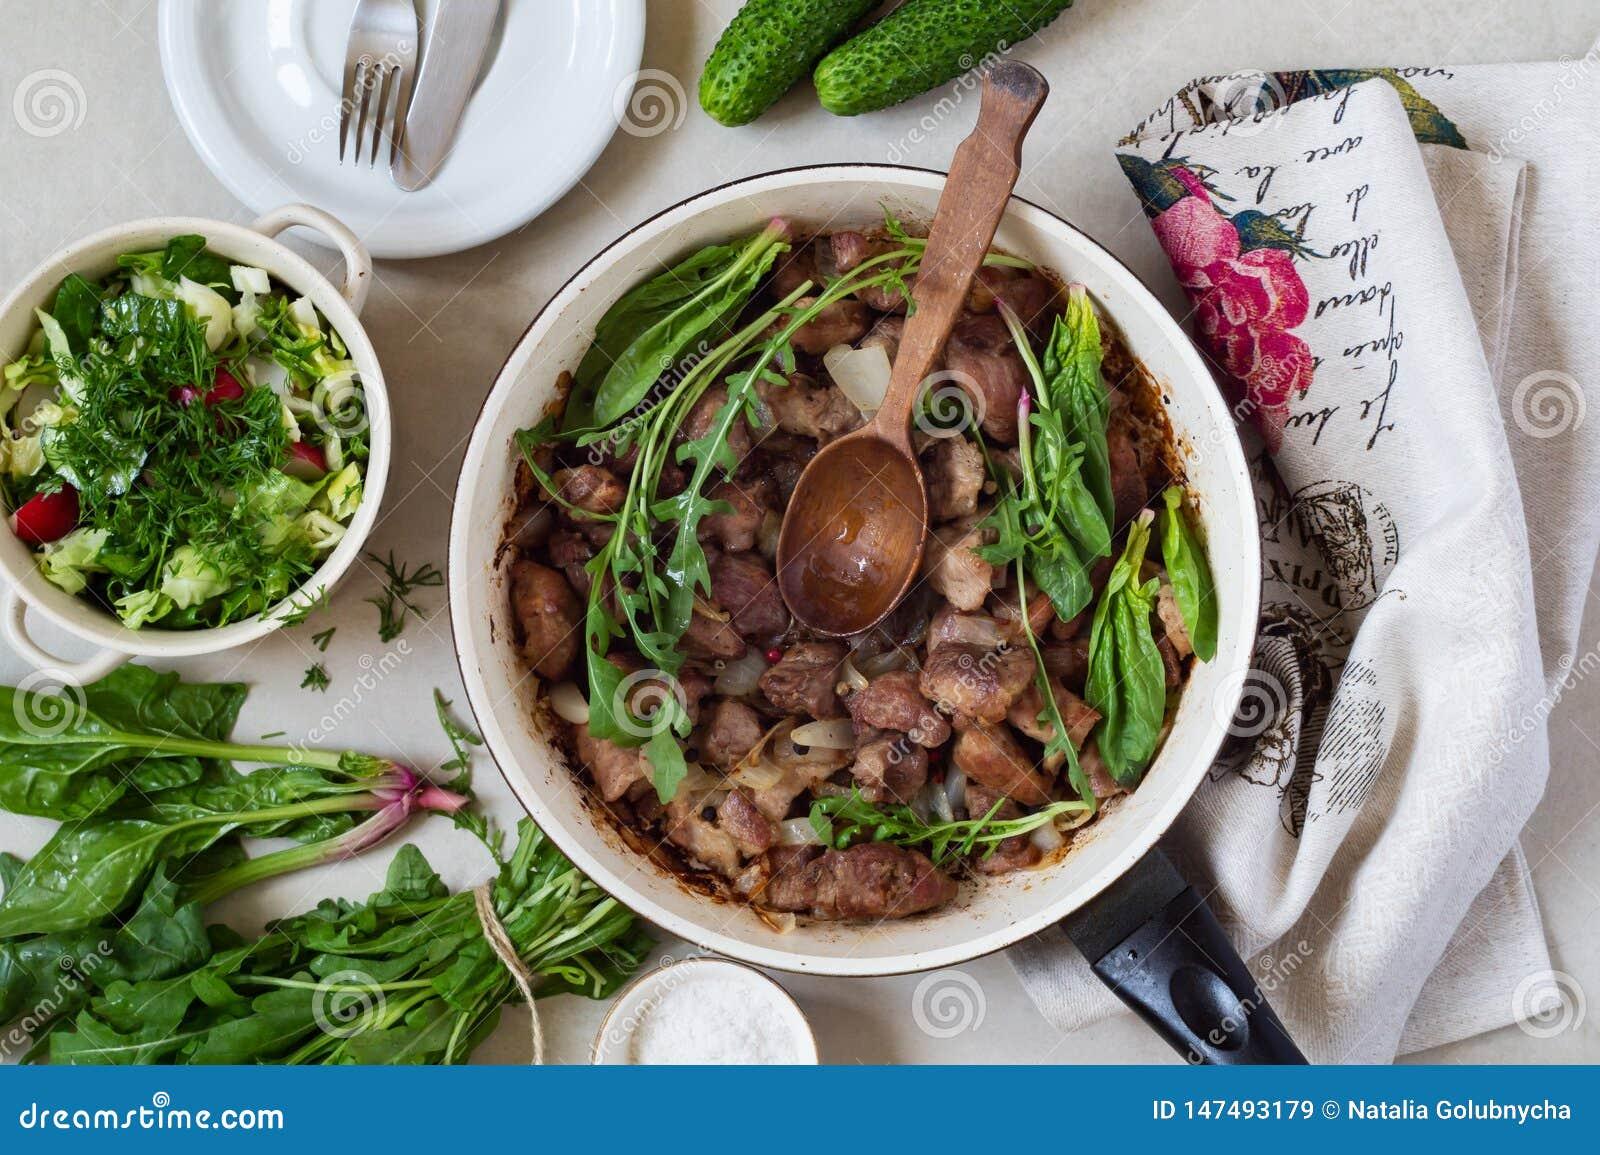 Bratpfanne des gebratenen Fleisches mit Gr?ns und Zwiebeln gulasch Nahe Sch?ssel mit Frischgem?sesalat, -Arugula und -spinat